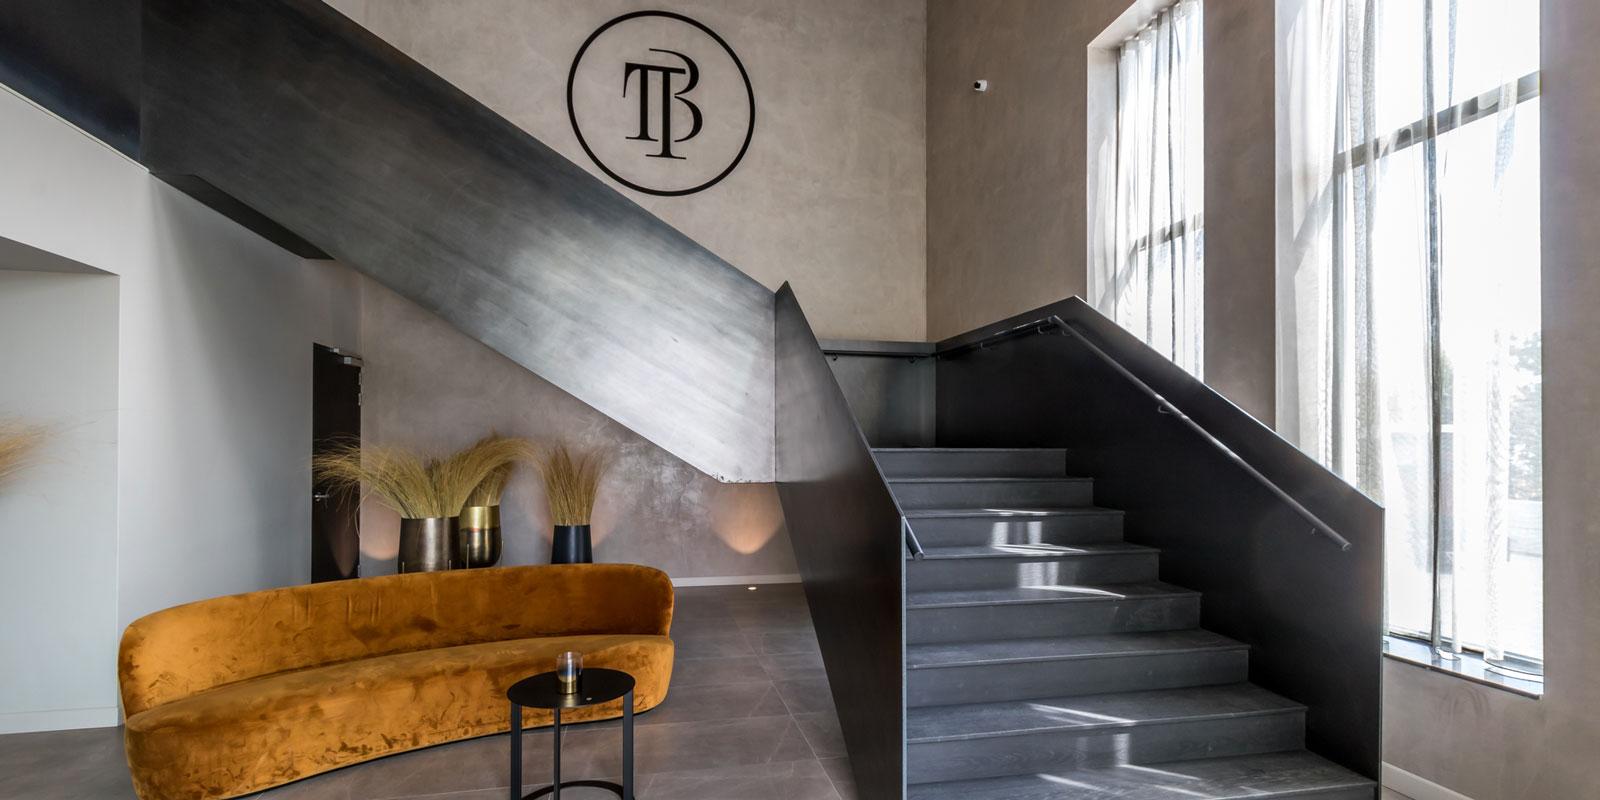 stalen trap, van bruchem staircases, hotel, uniek design